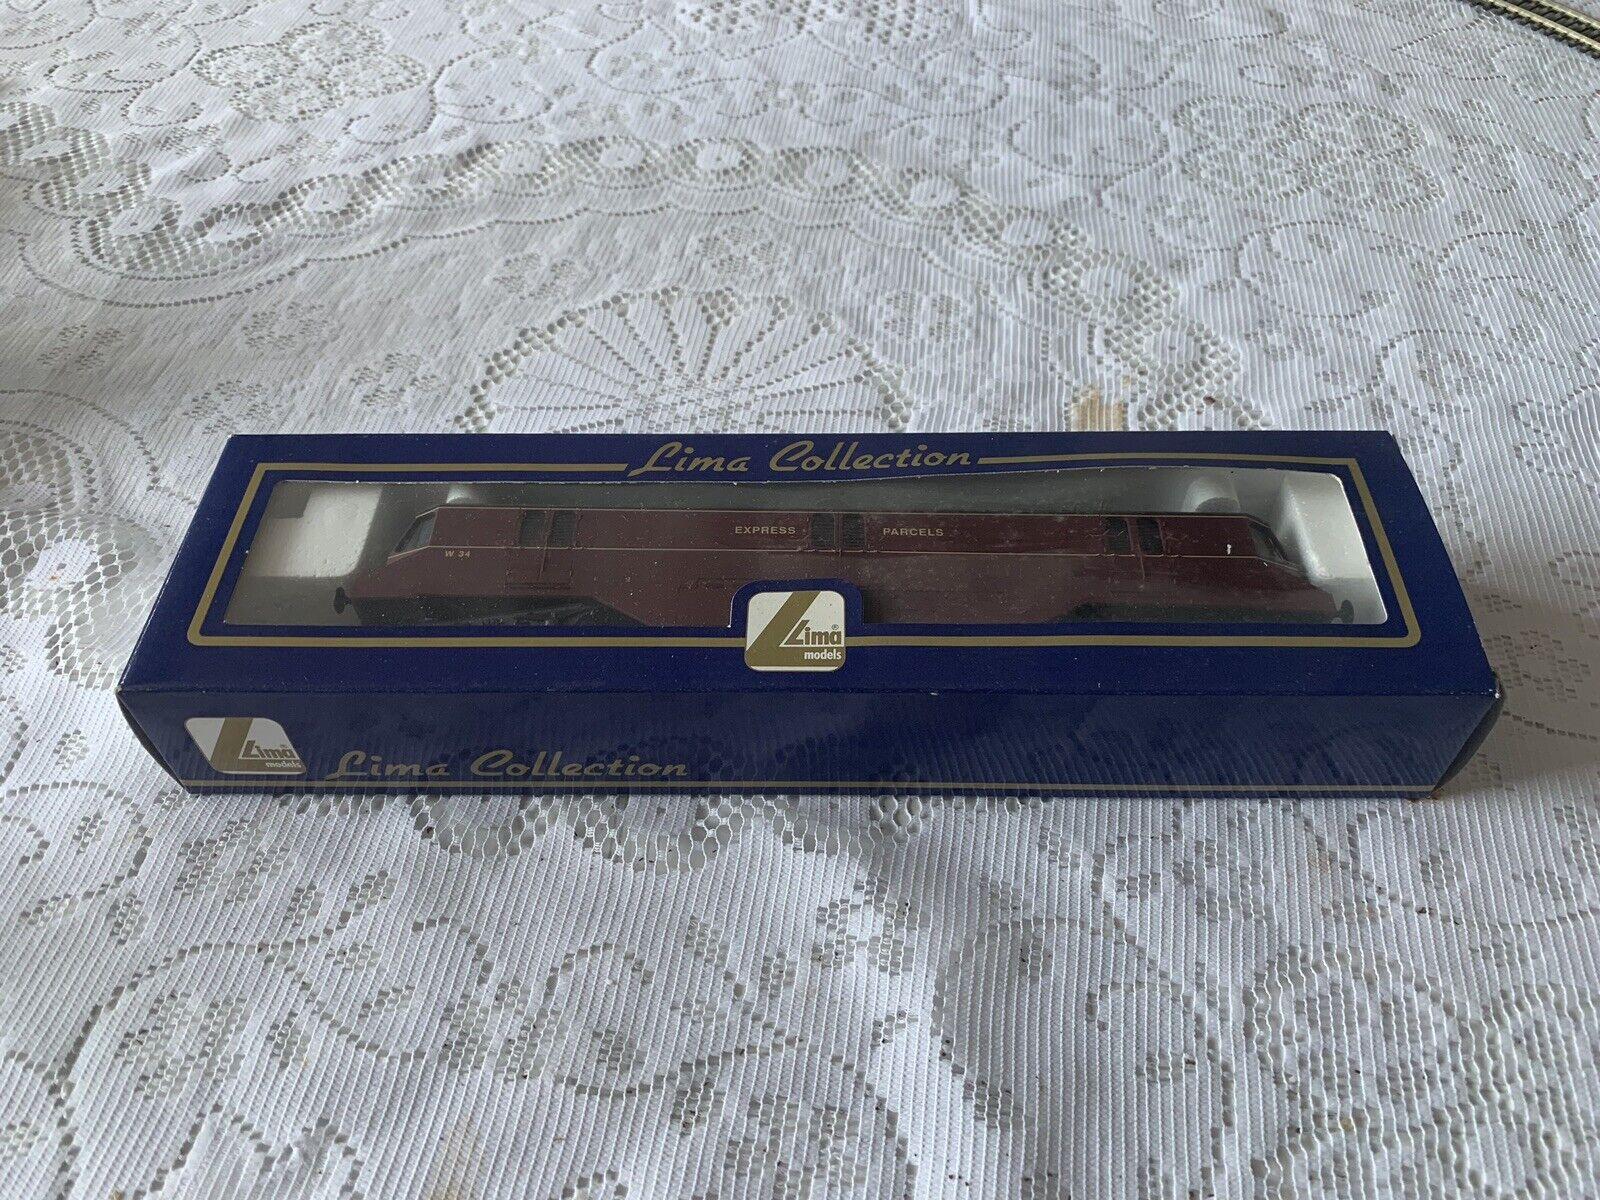 Lima L204913 GWR Railcar r n W34 BRc maroon in mint boxed cond